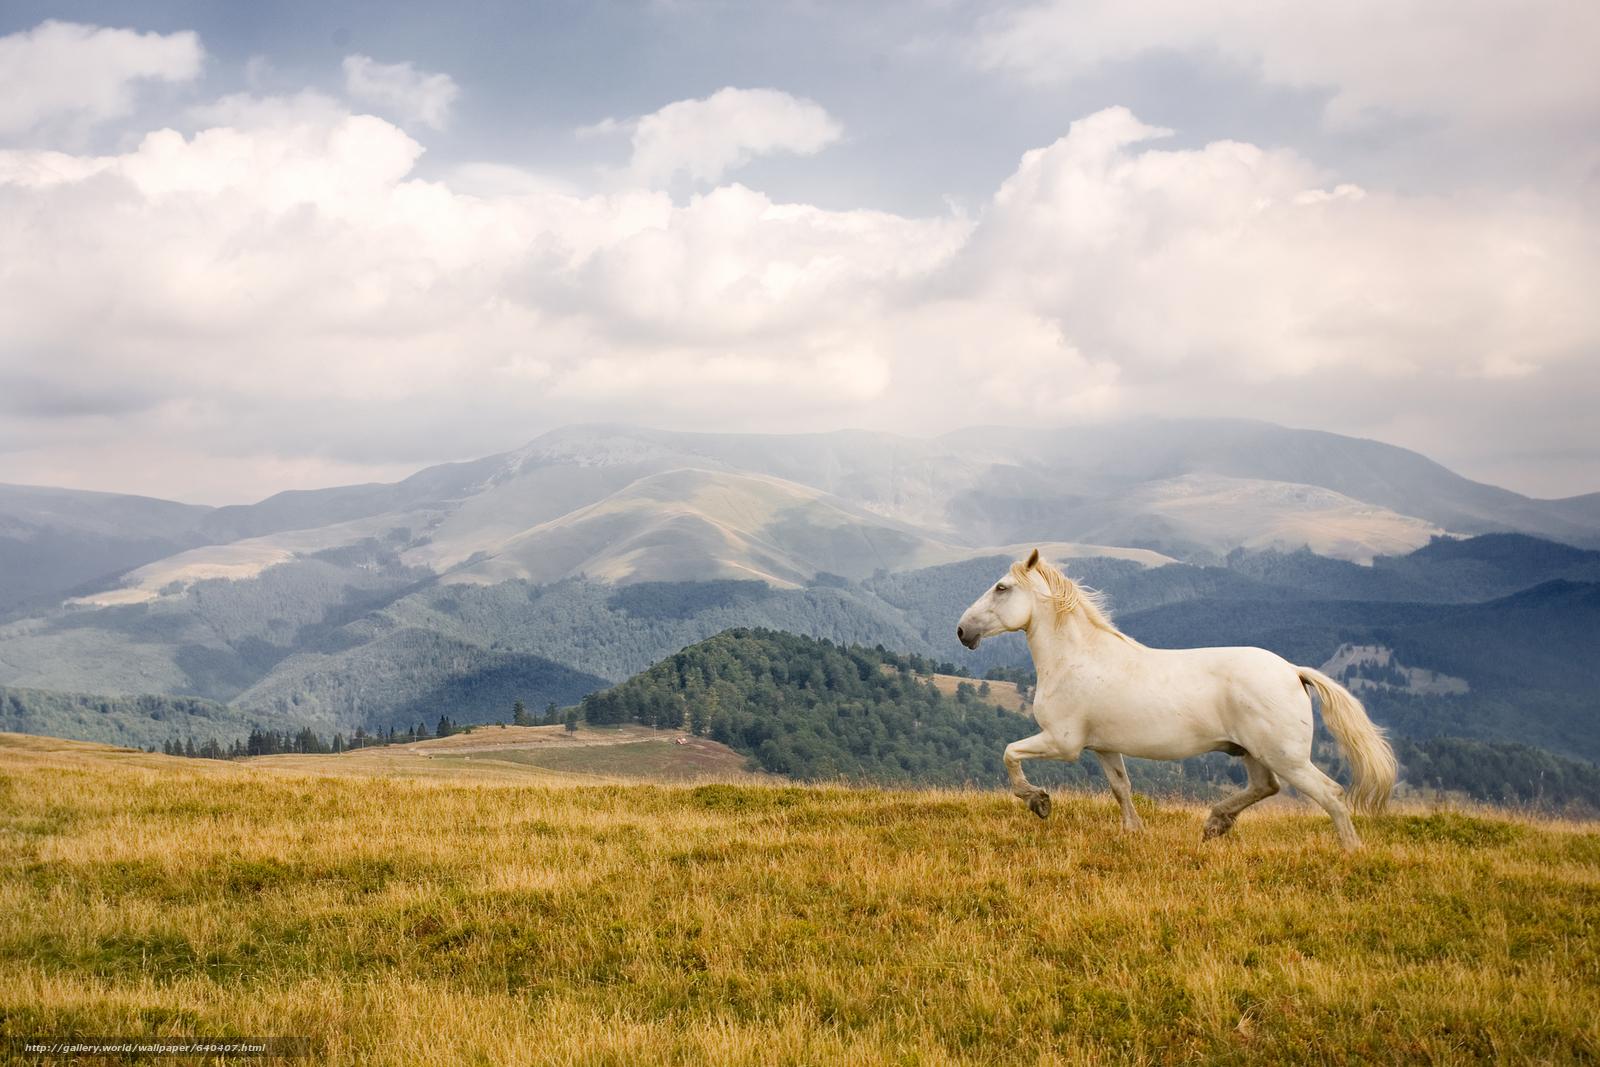 Scaricare gli sfondi cavallo cavalli cavallo cavallo for Sfondi cavalli gratis